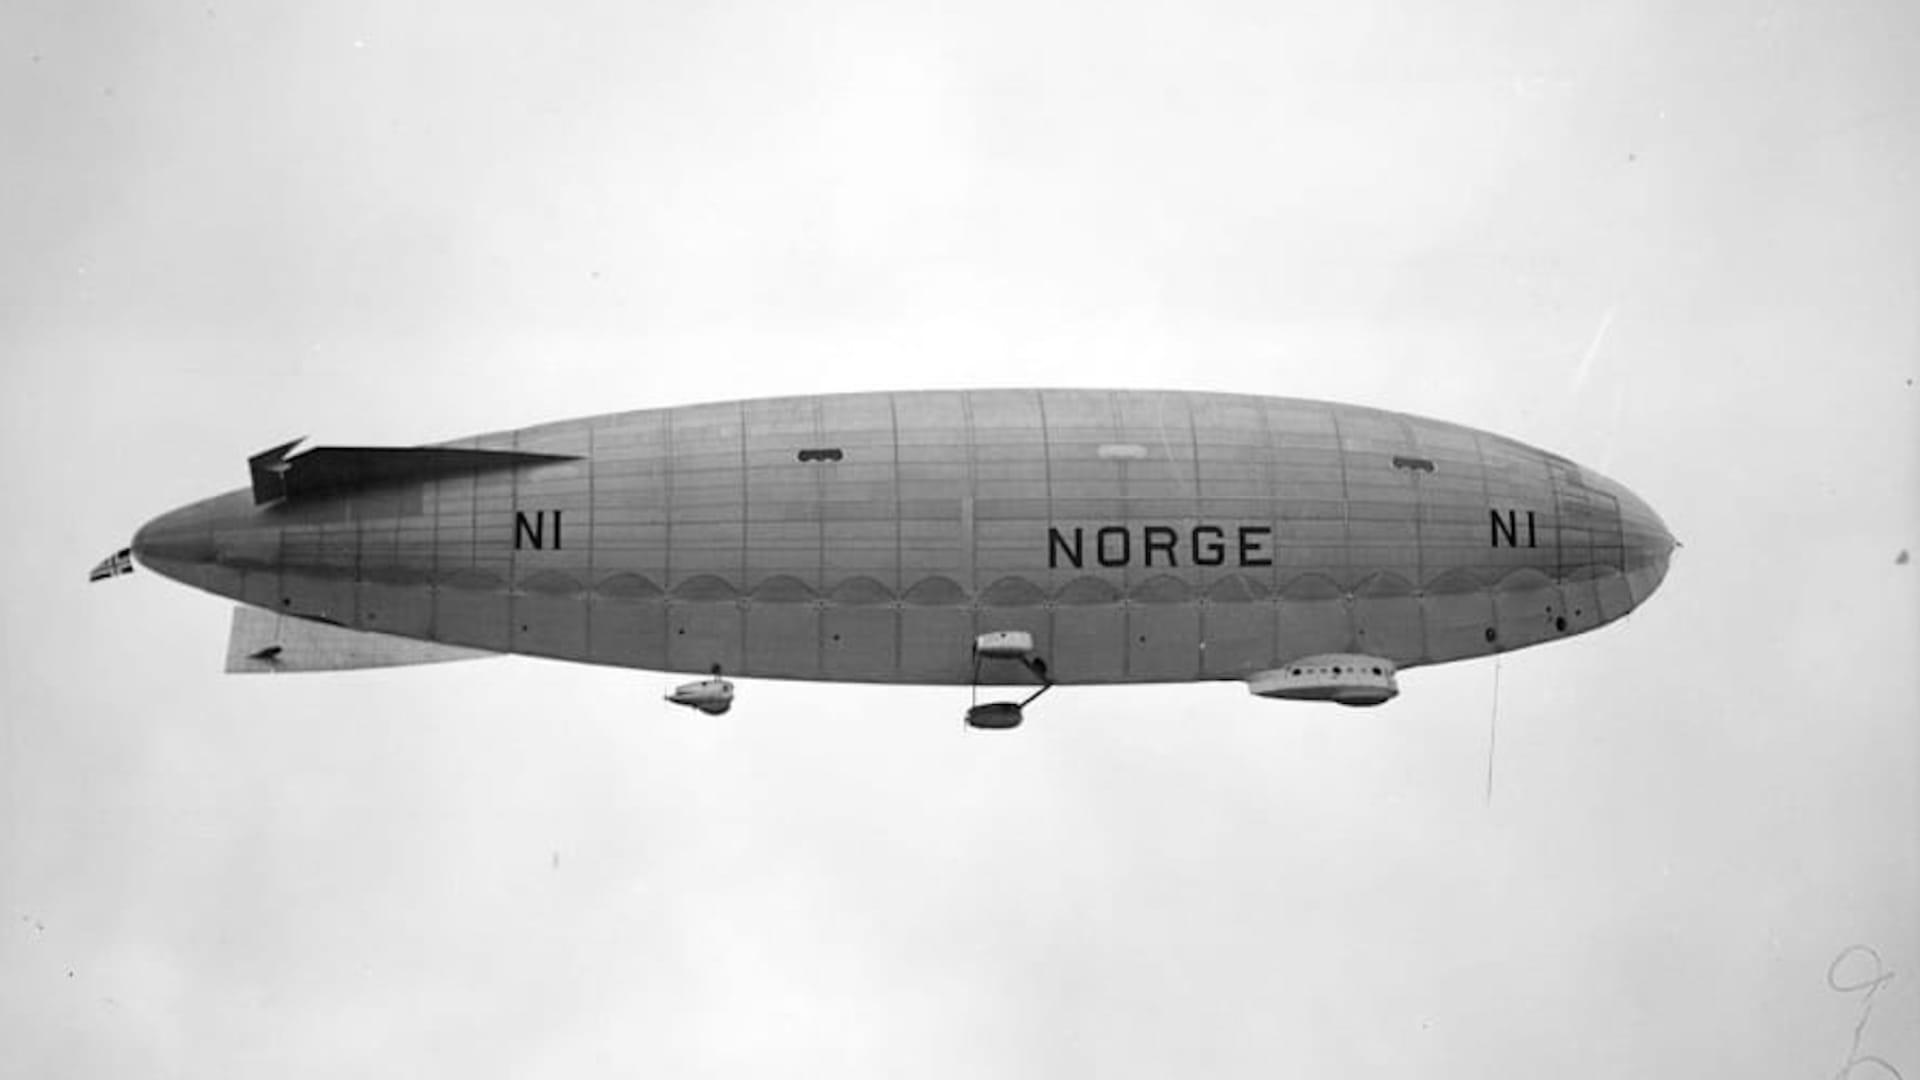 منطاد Norge